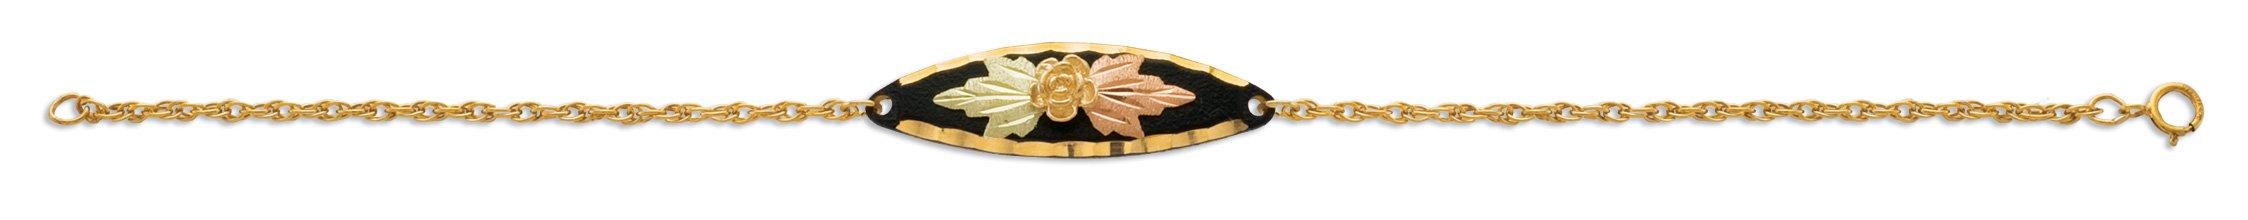 Black Hills Black Powder Coat Bracelet with 10K Gold Trim